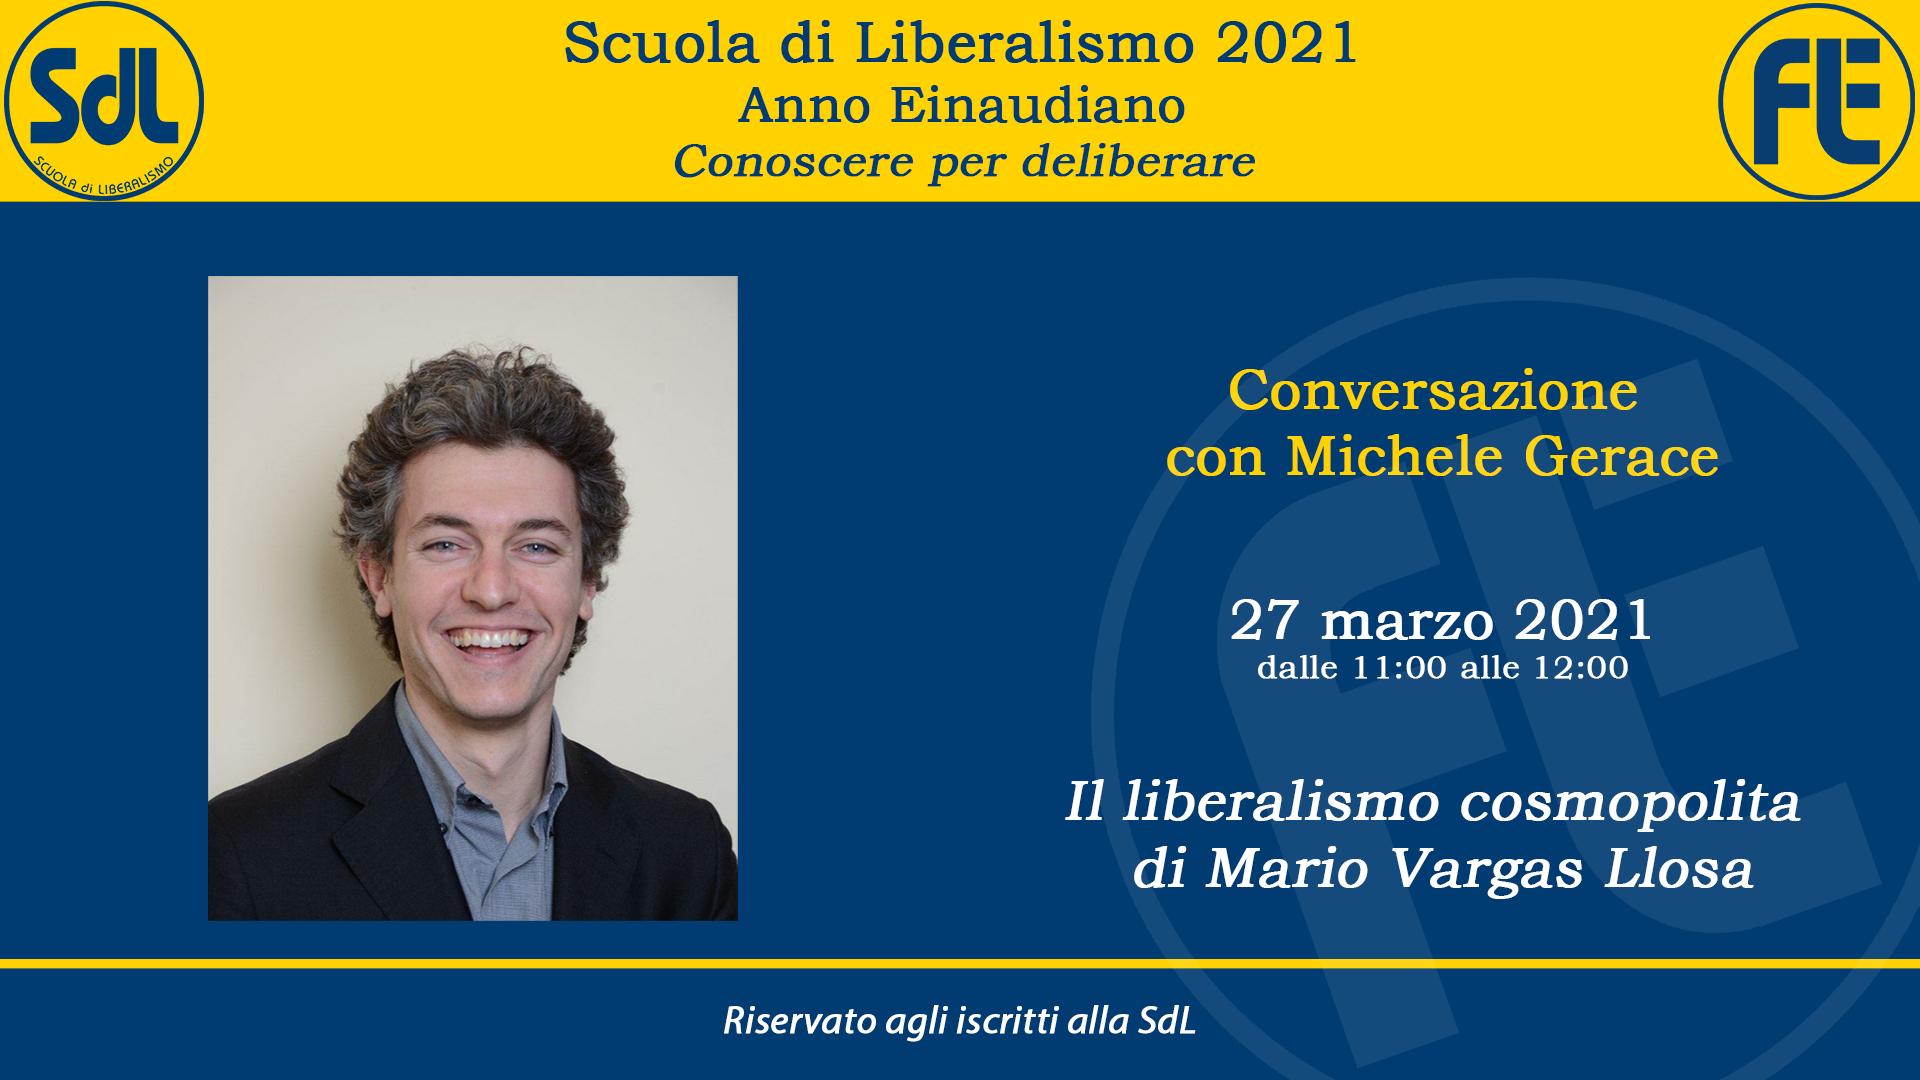 Scuola di Liberalismo 2021: 27 marzo conversazione con Michele Gerace